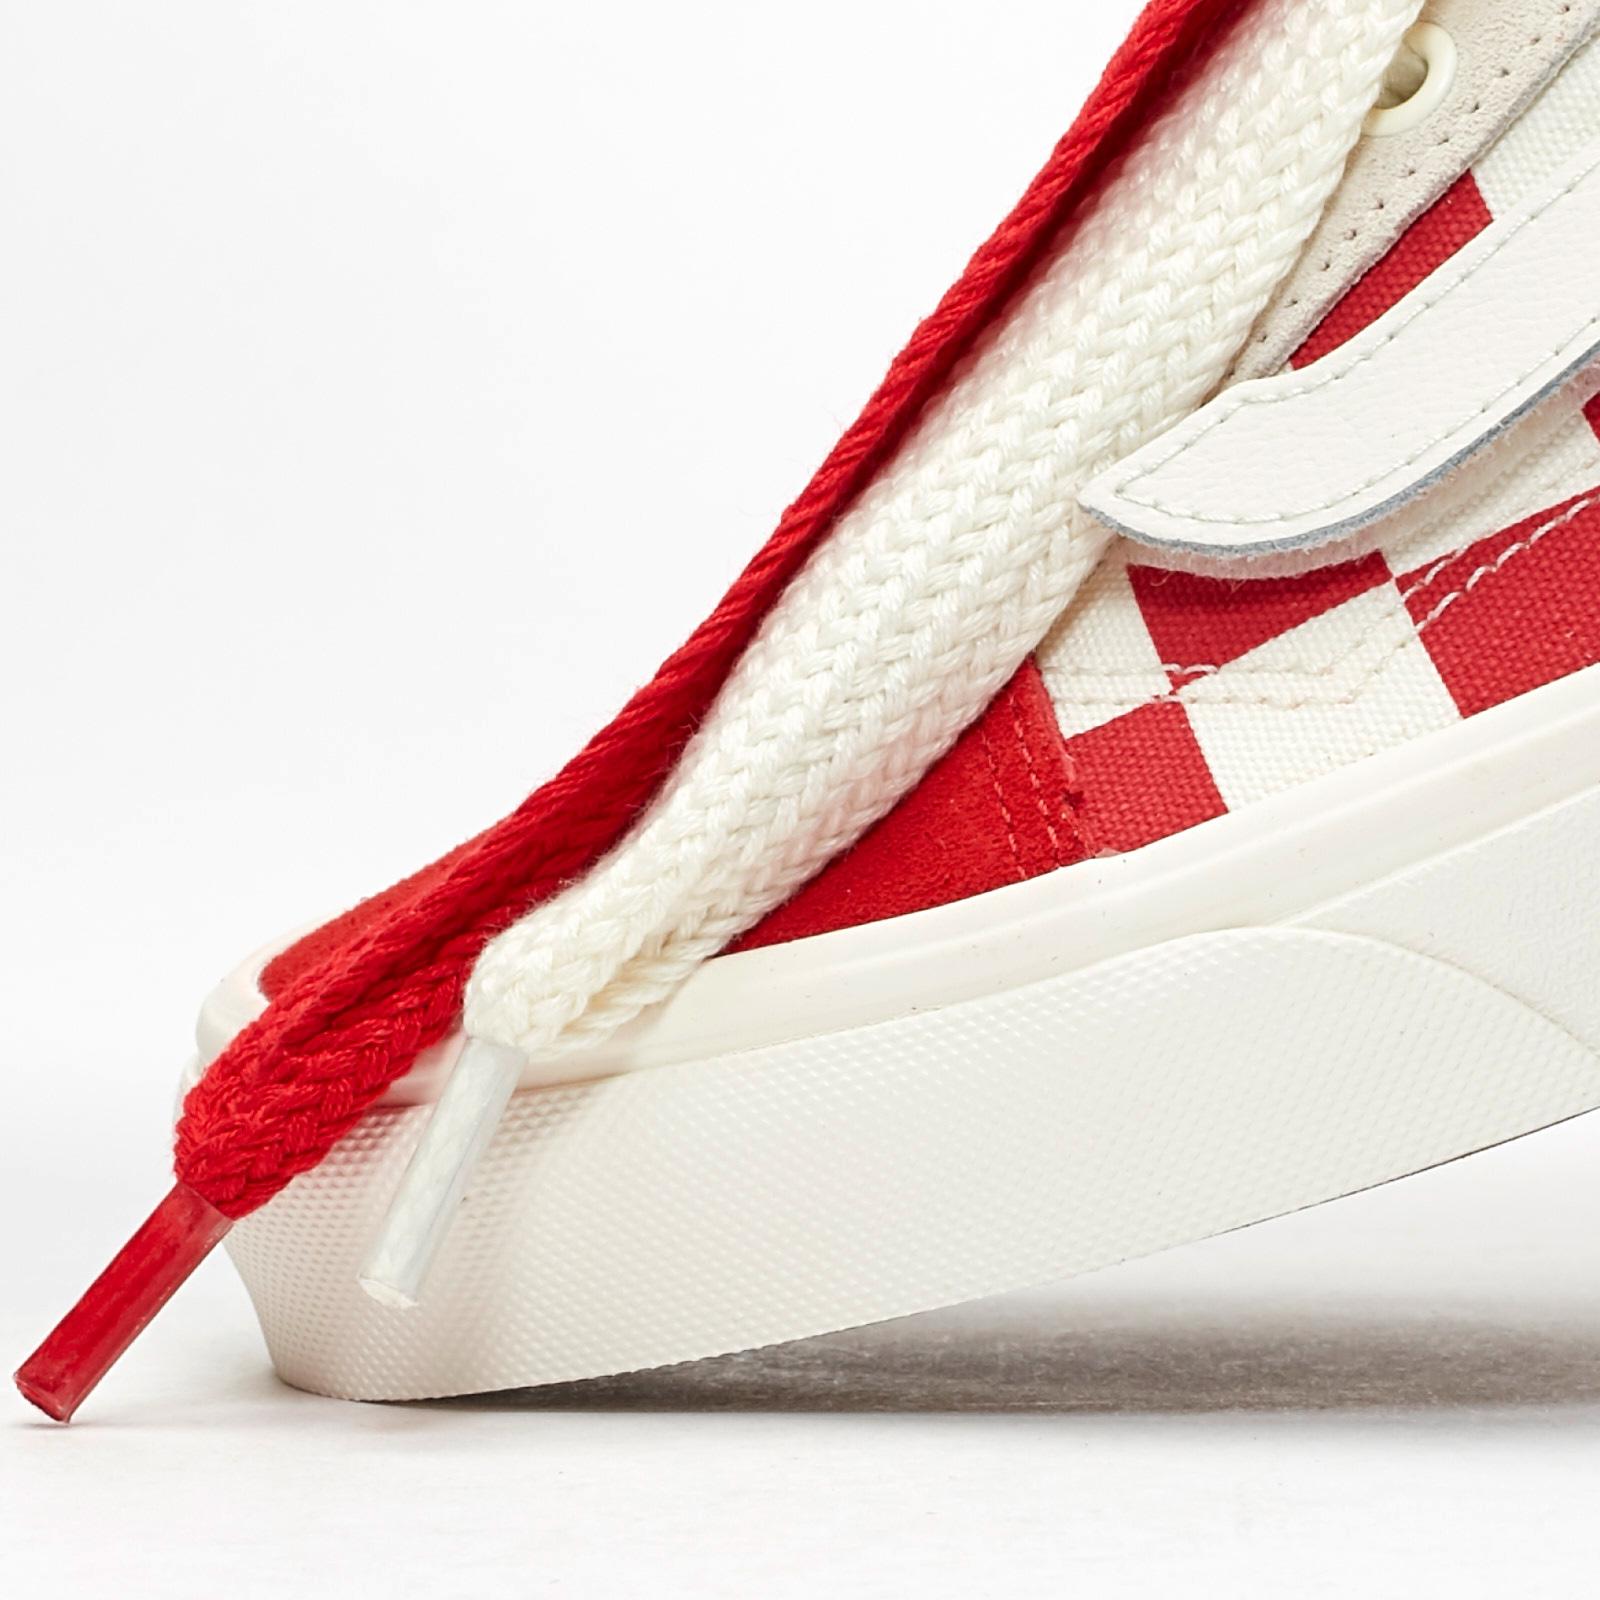 Vans OG Old Skool LX Vn0a38g1shj Sneakersnstuff